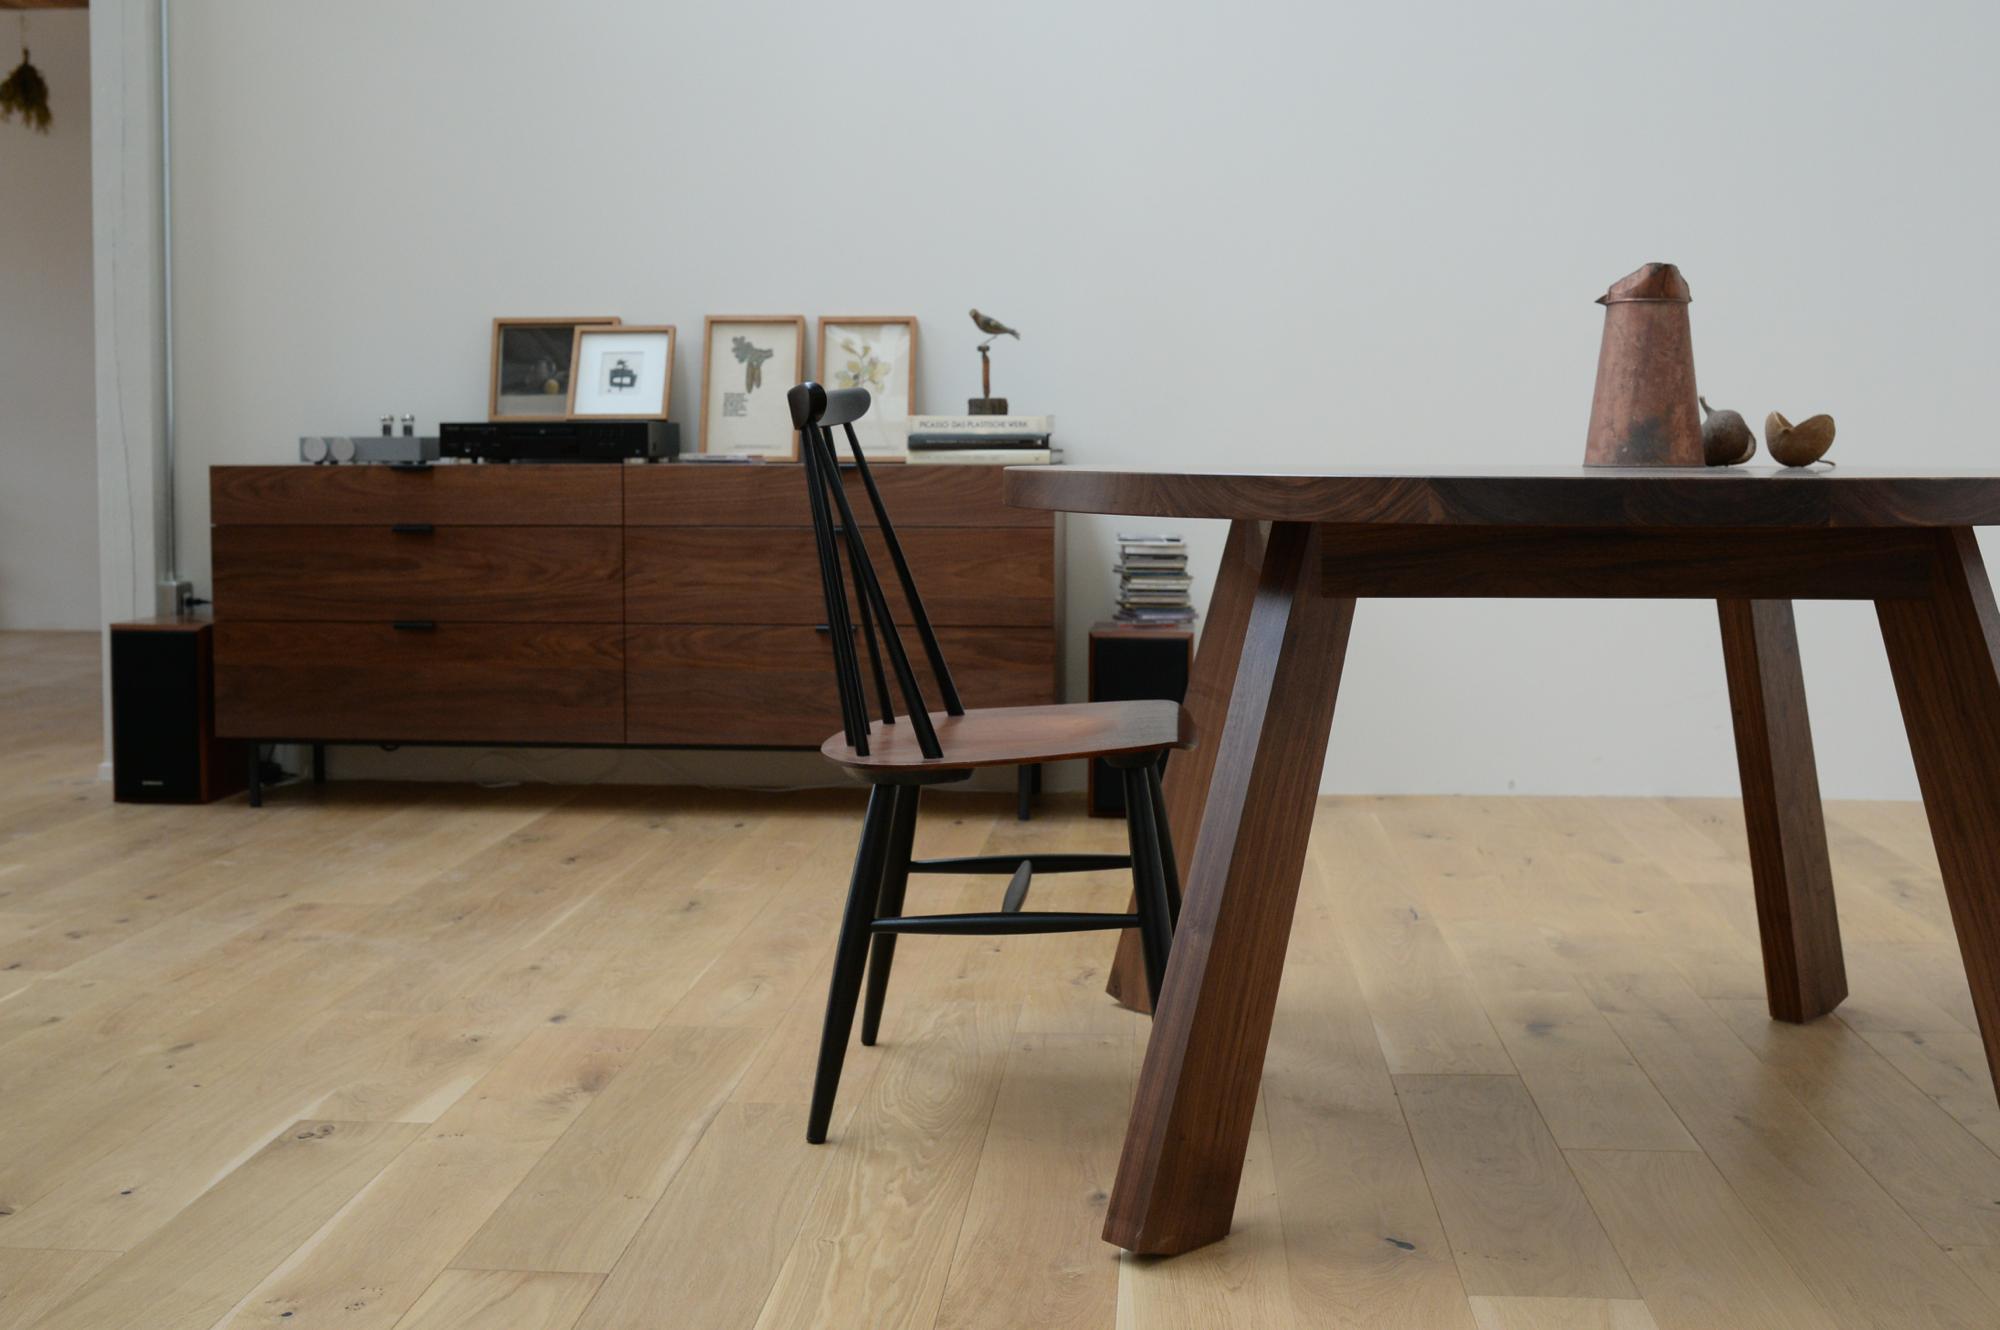 ダイニングテーブル ラウンド 丸テーブル ウォールナット 無垢材